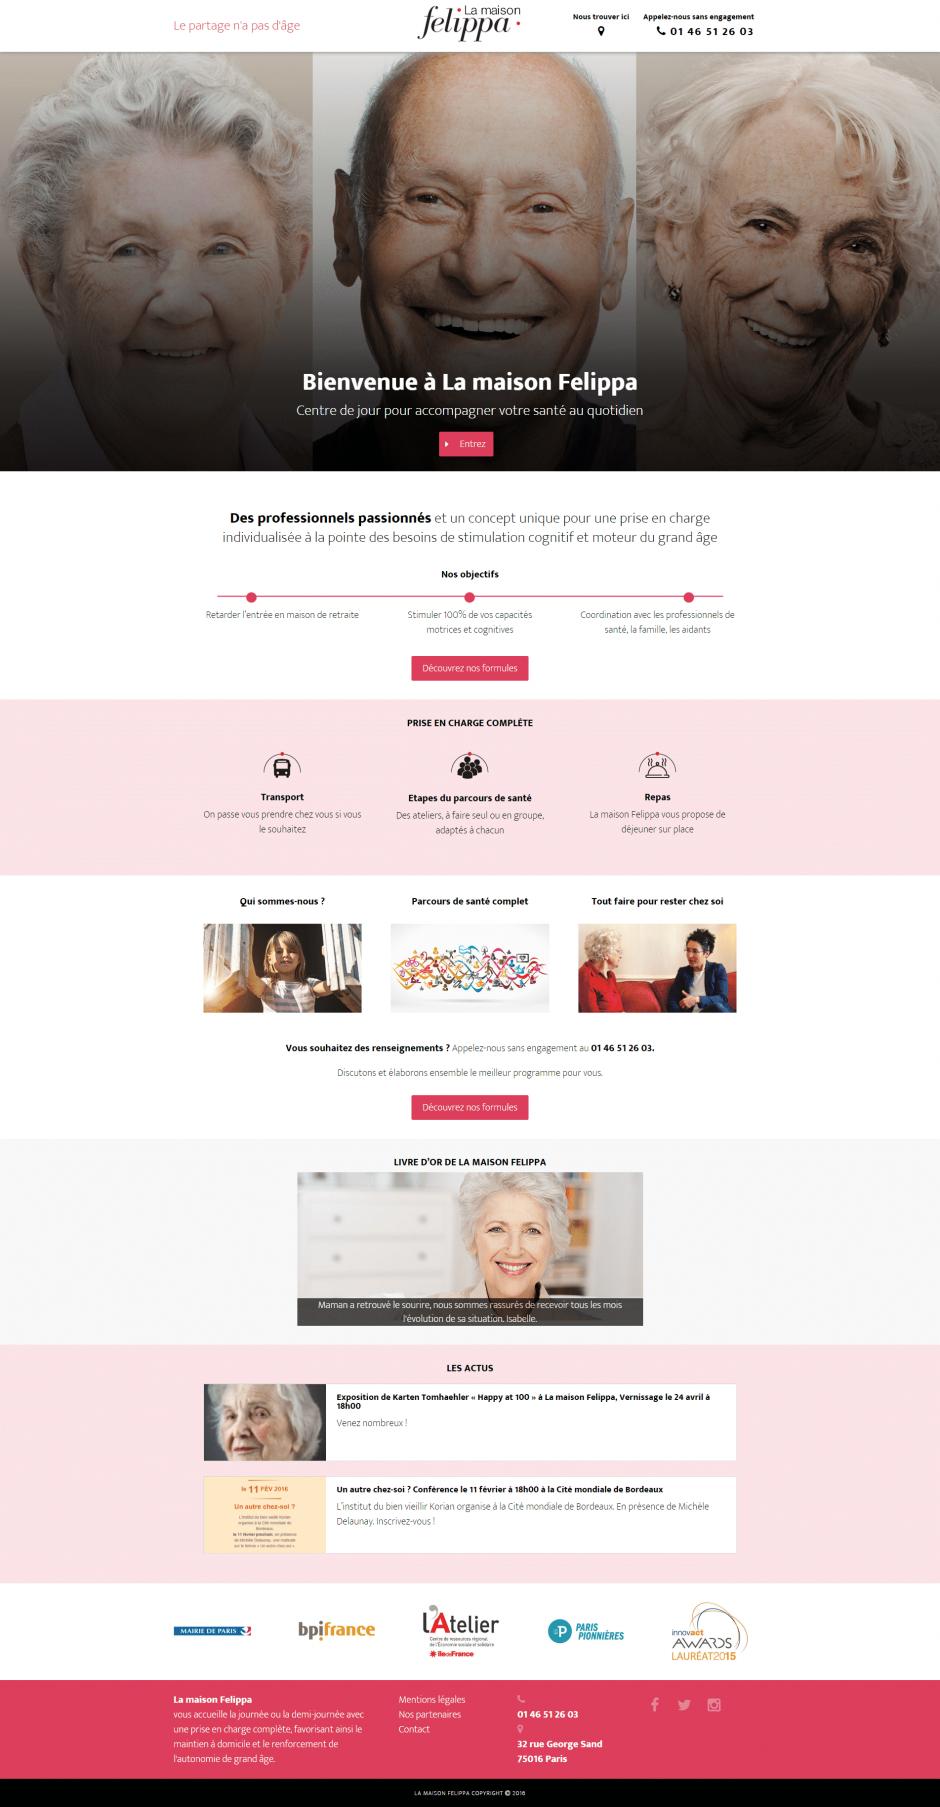 création site internet WordPress - MD Webdesigner